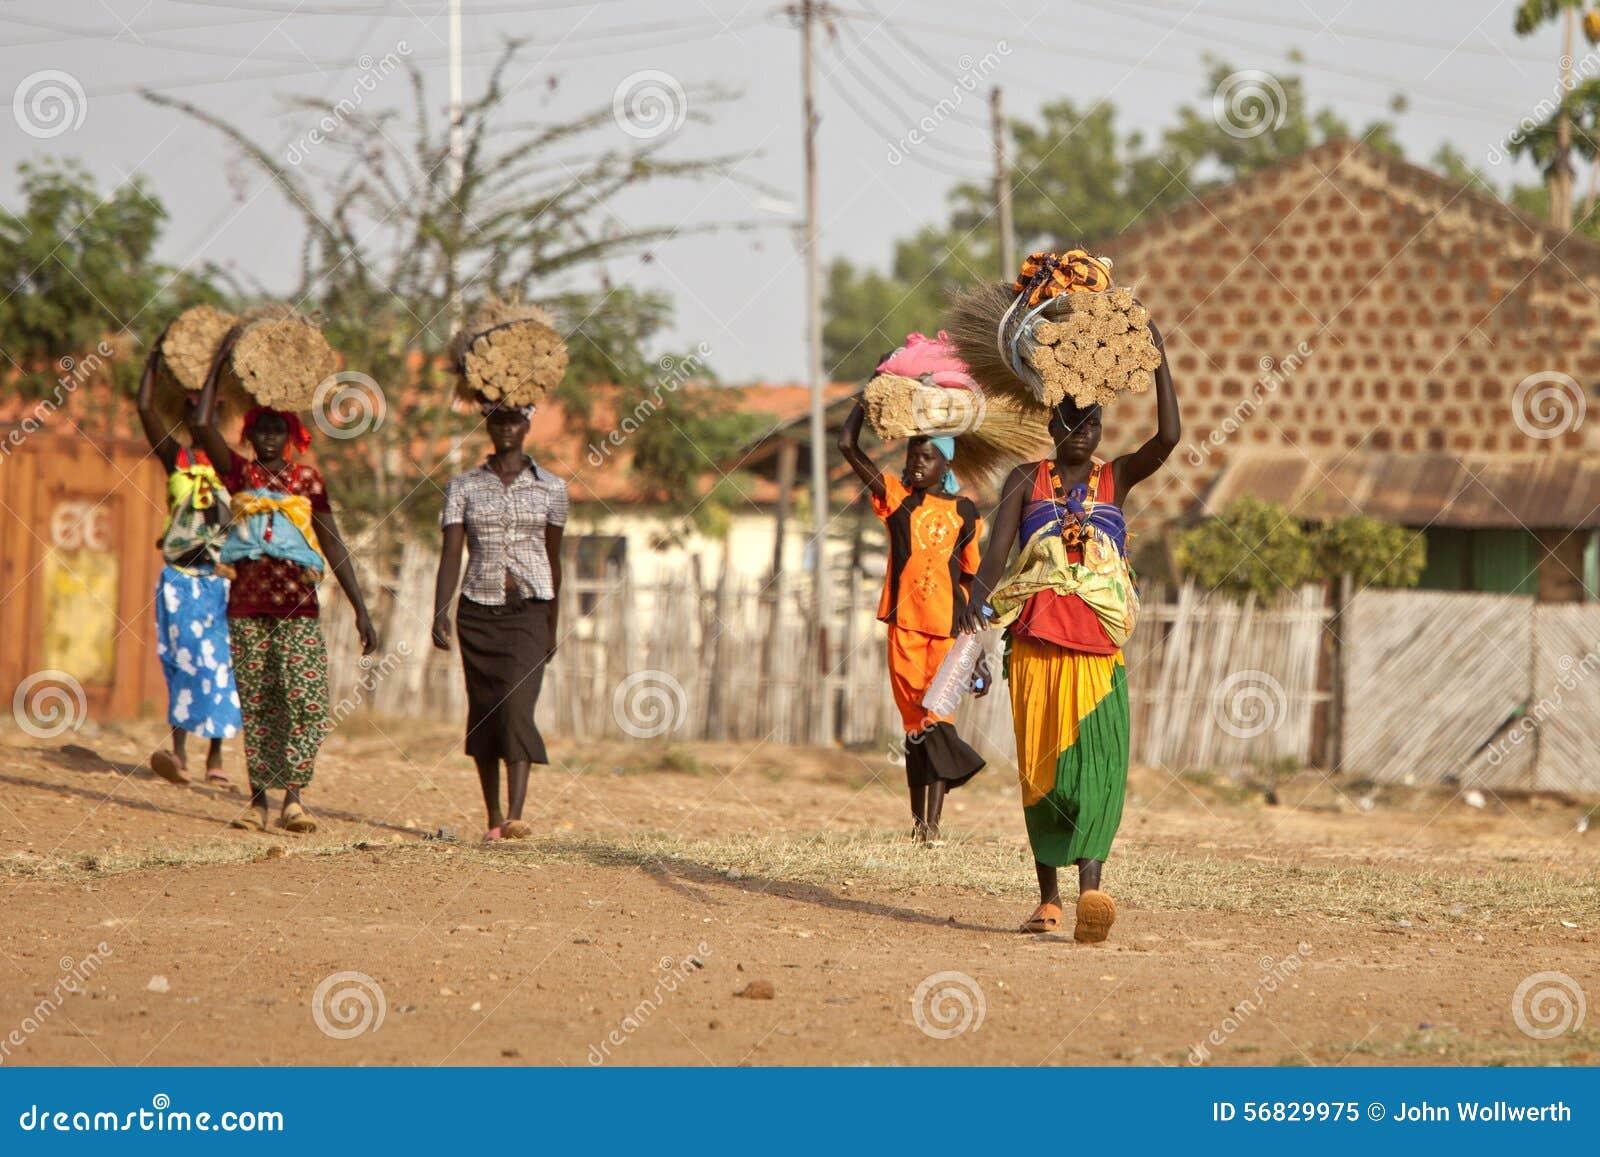 Women carrying loads in South Sudan